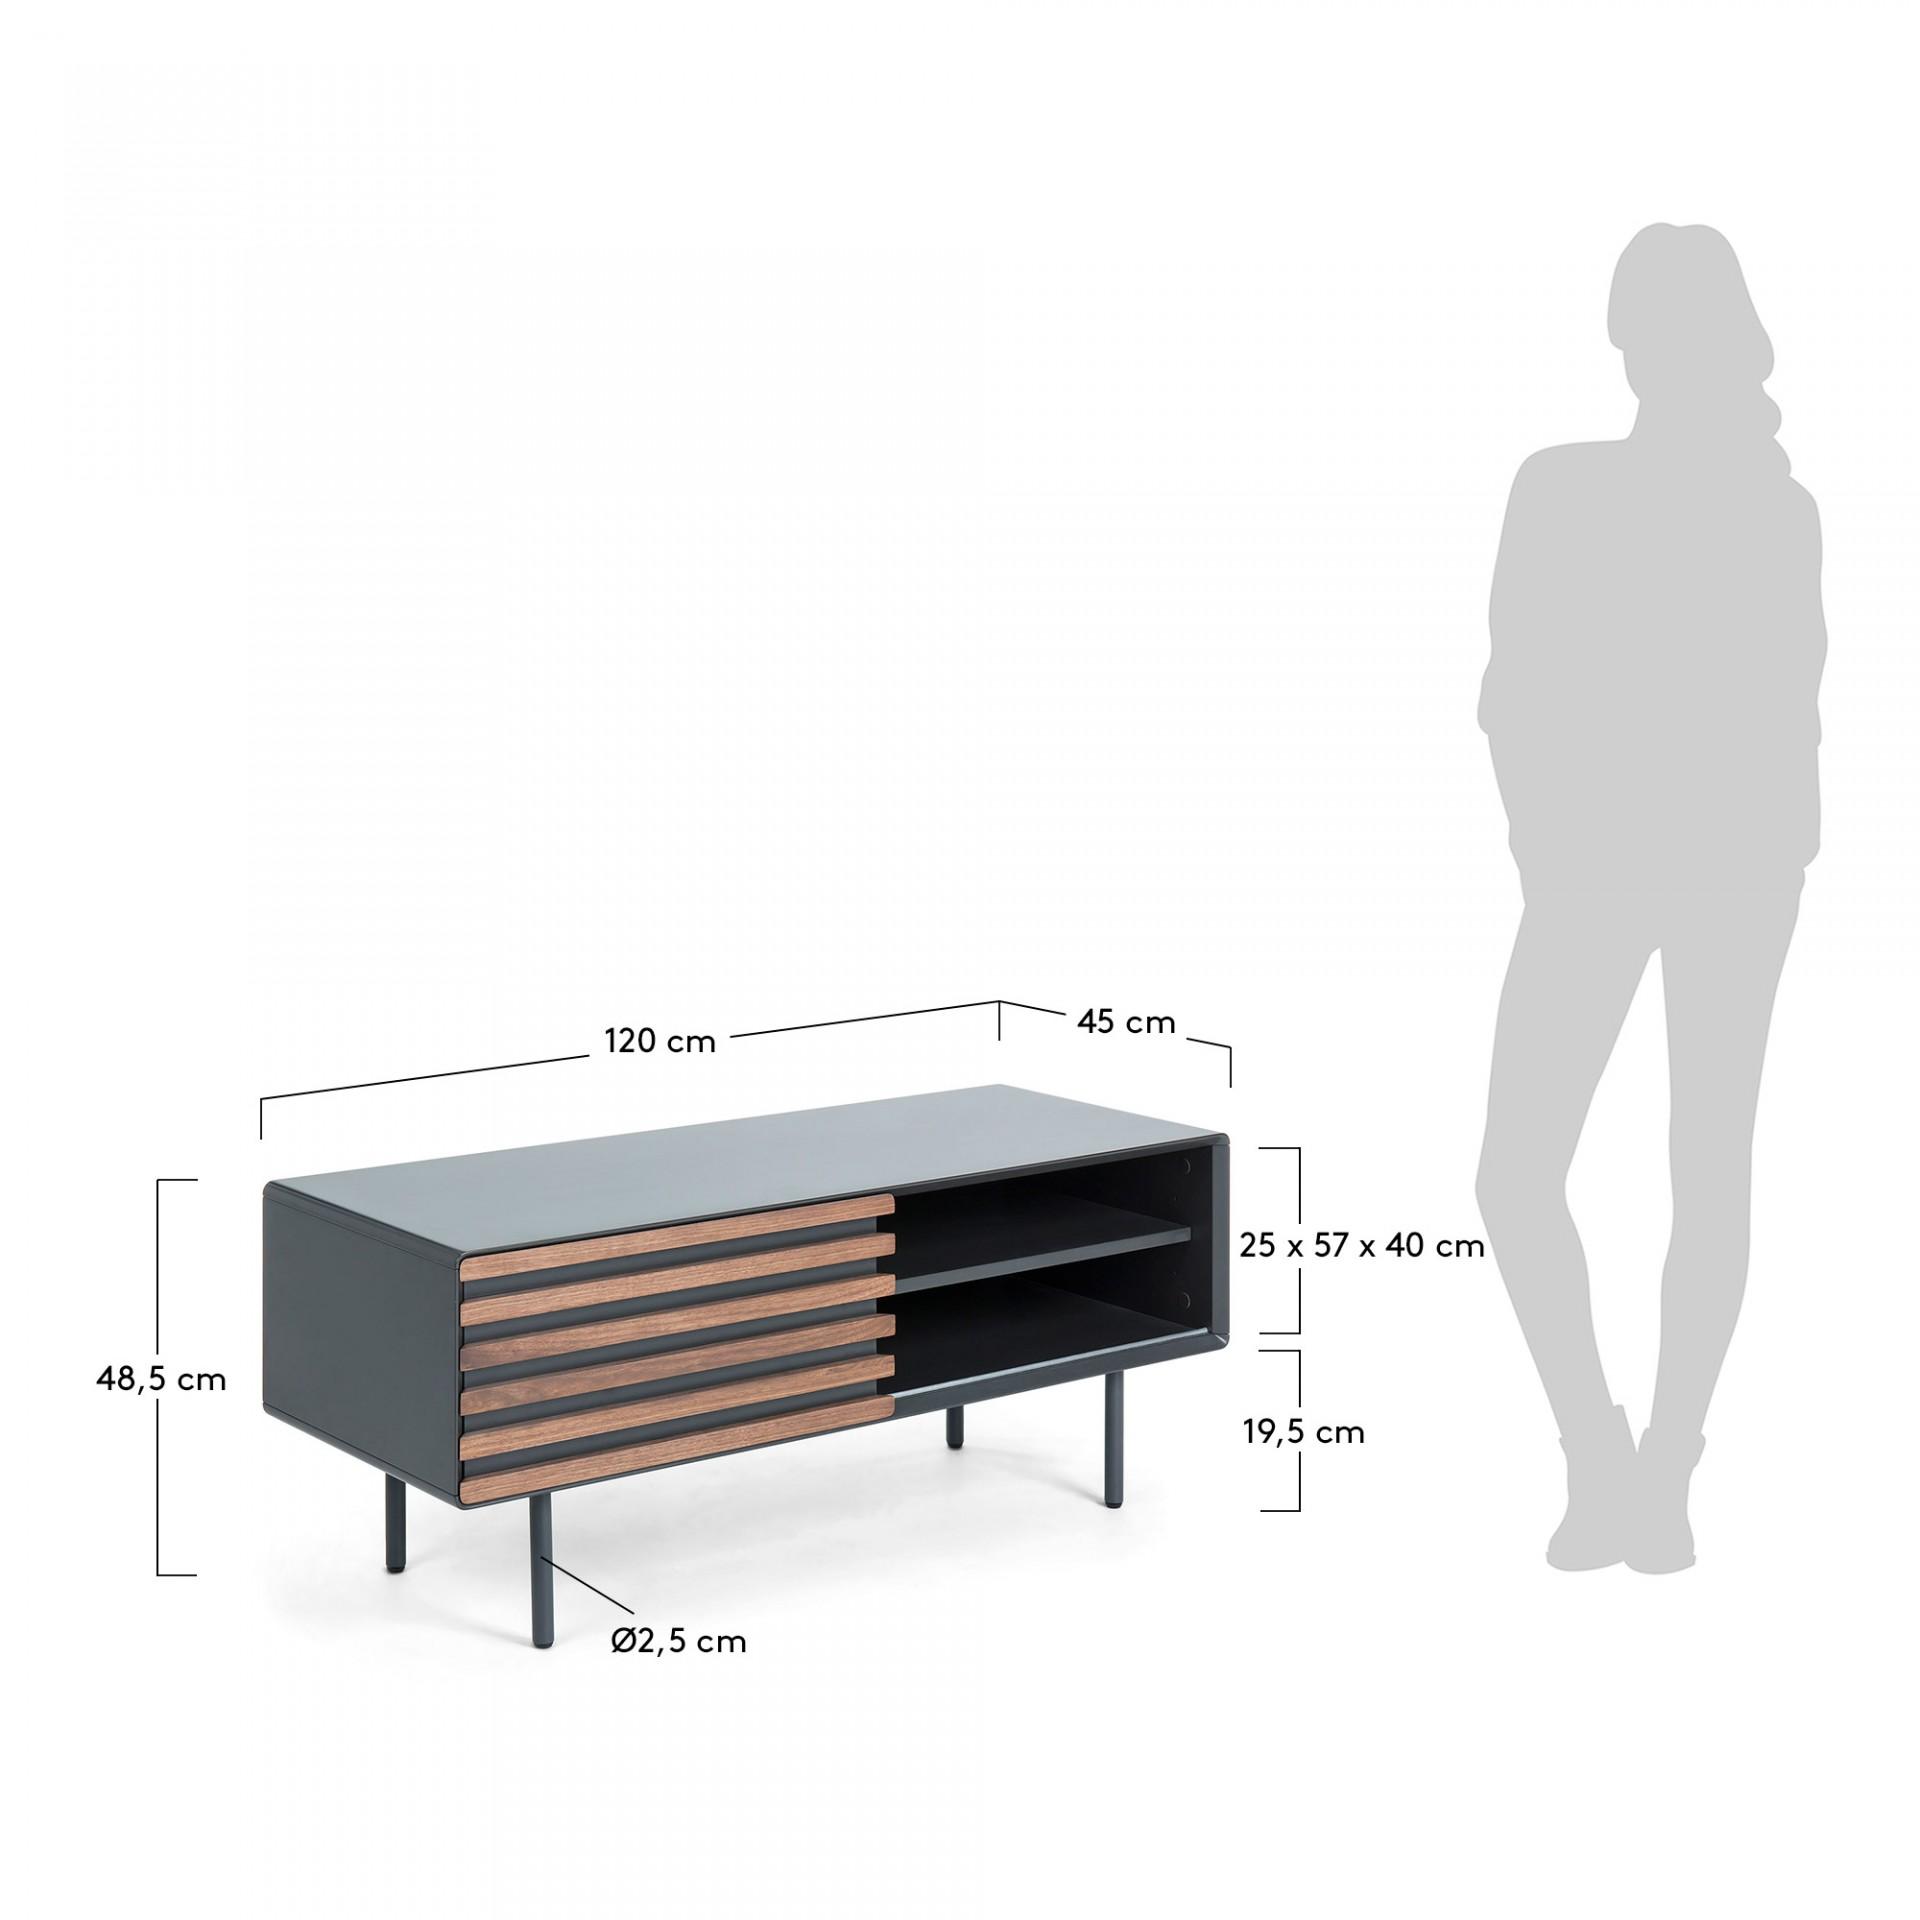 Móvel TV Kasia, MDF lacado/madeira de nogueira, 120x48